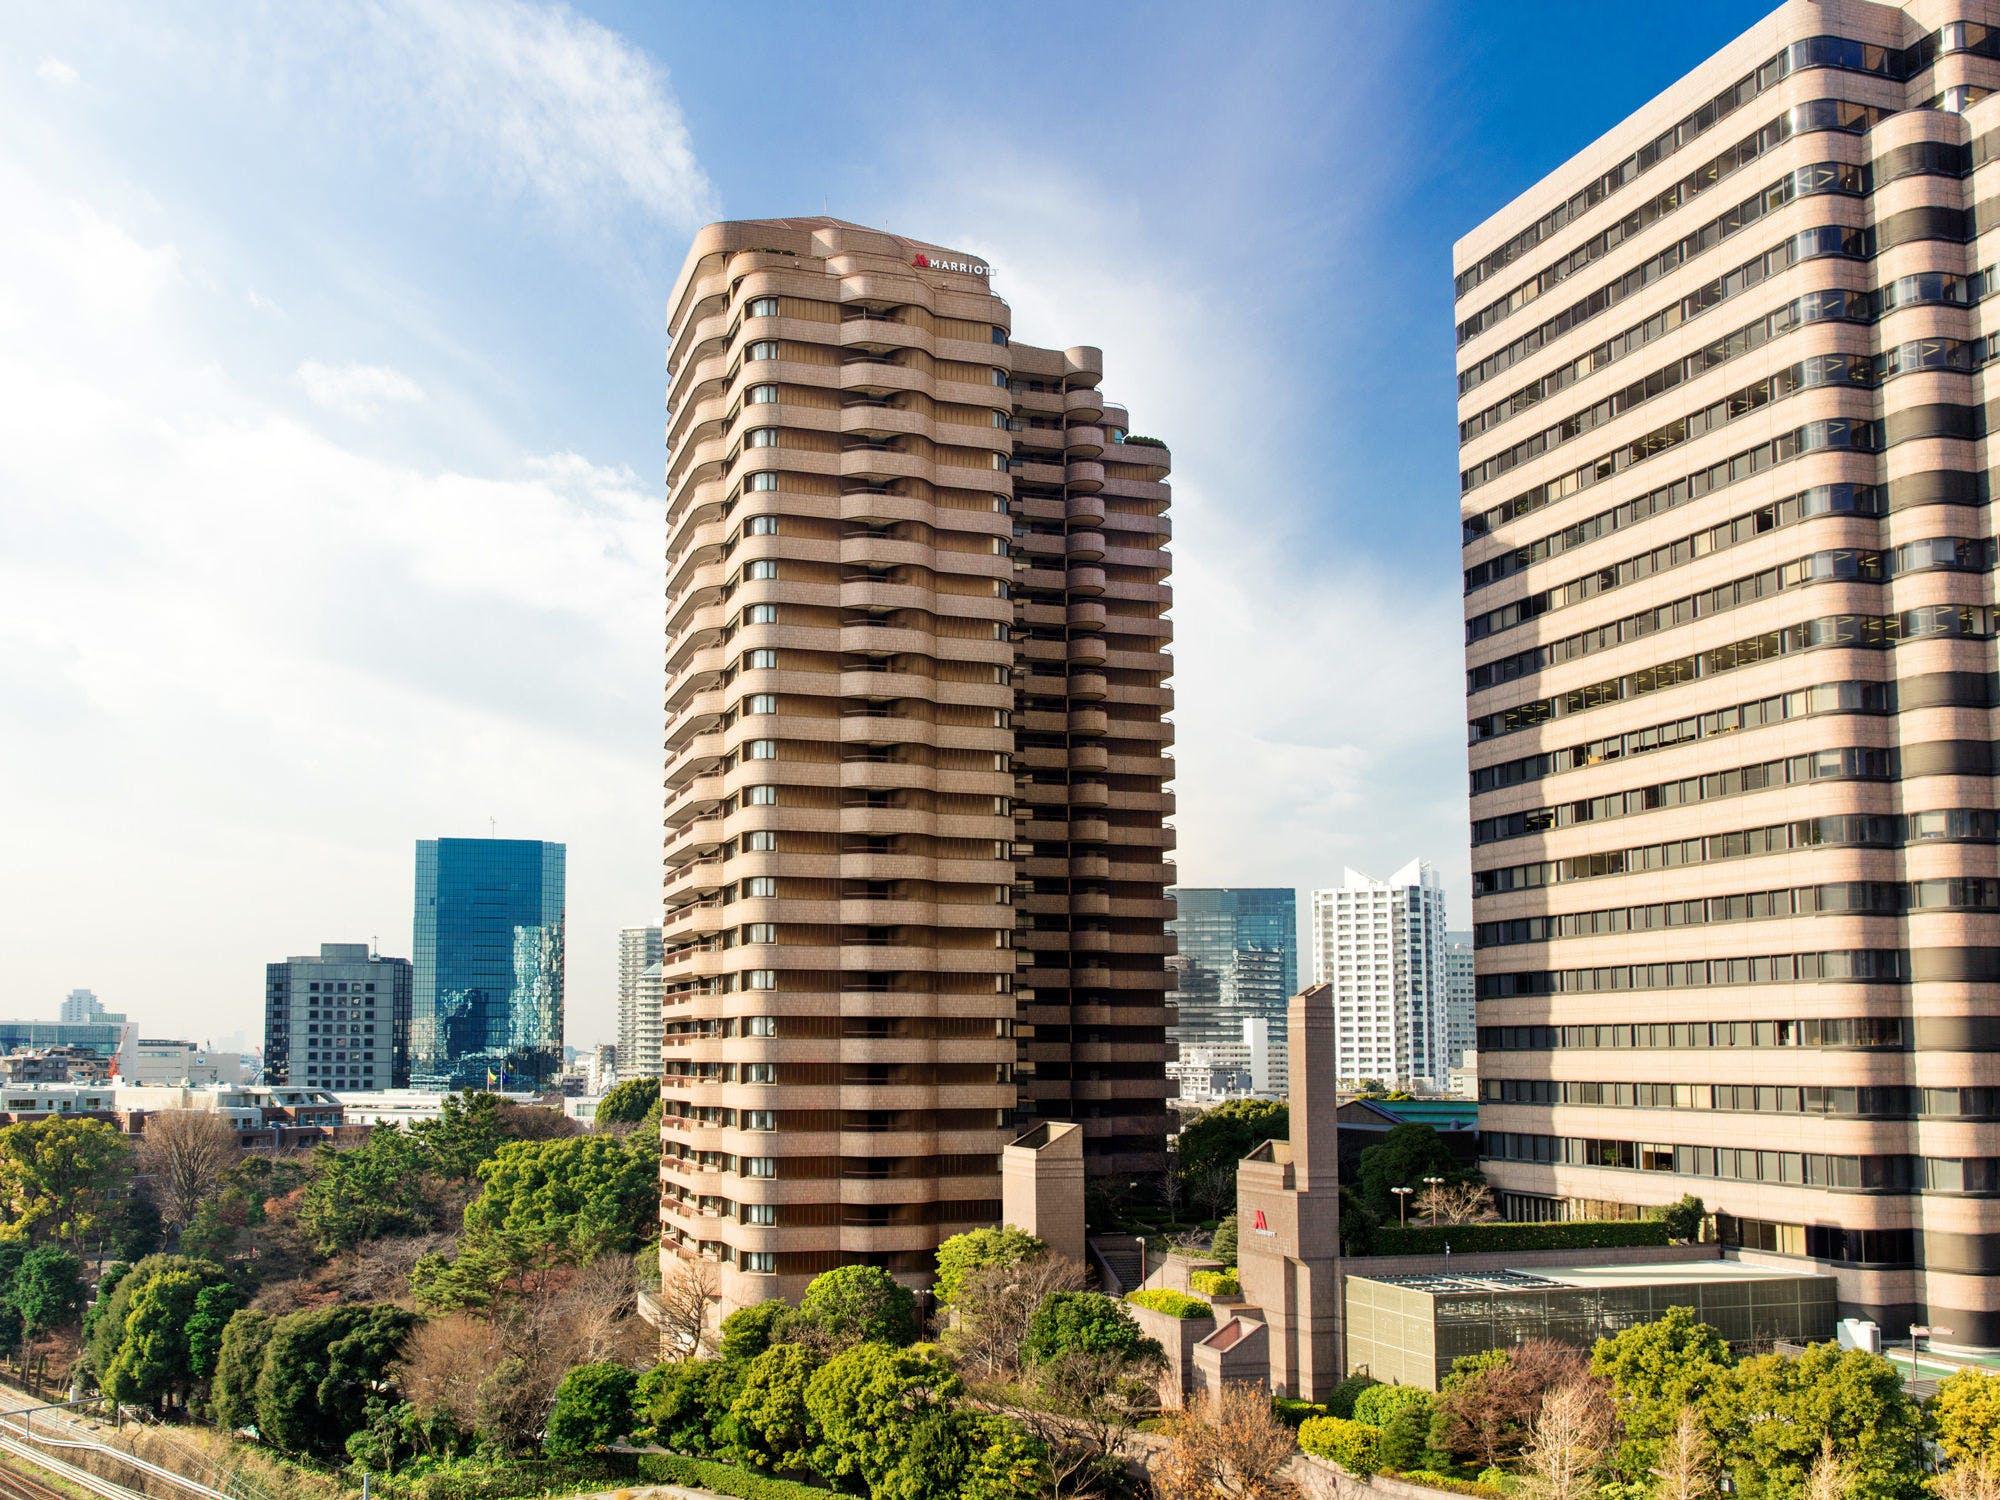 東京マリオットホテル  平均38平米のゆとりある広さの客室! 写真1